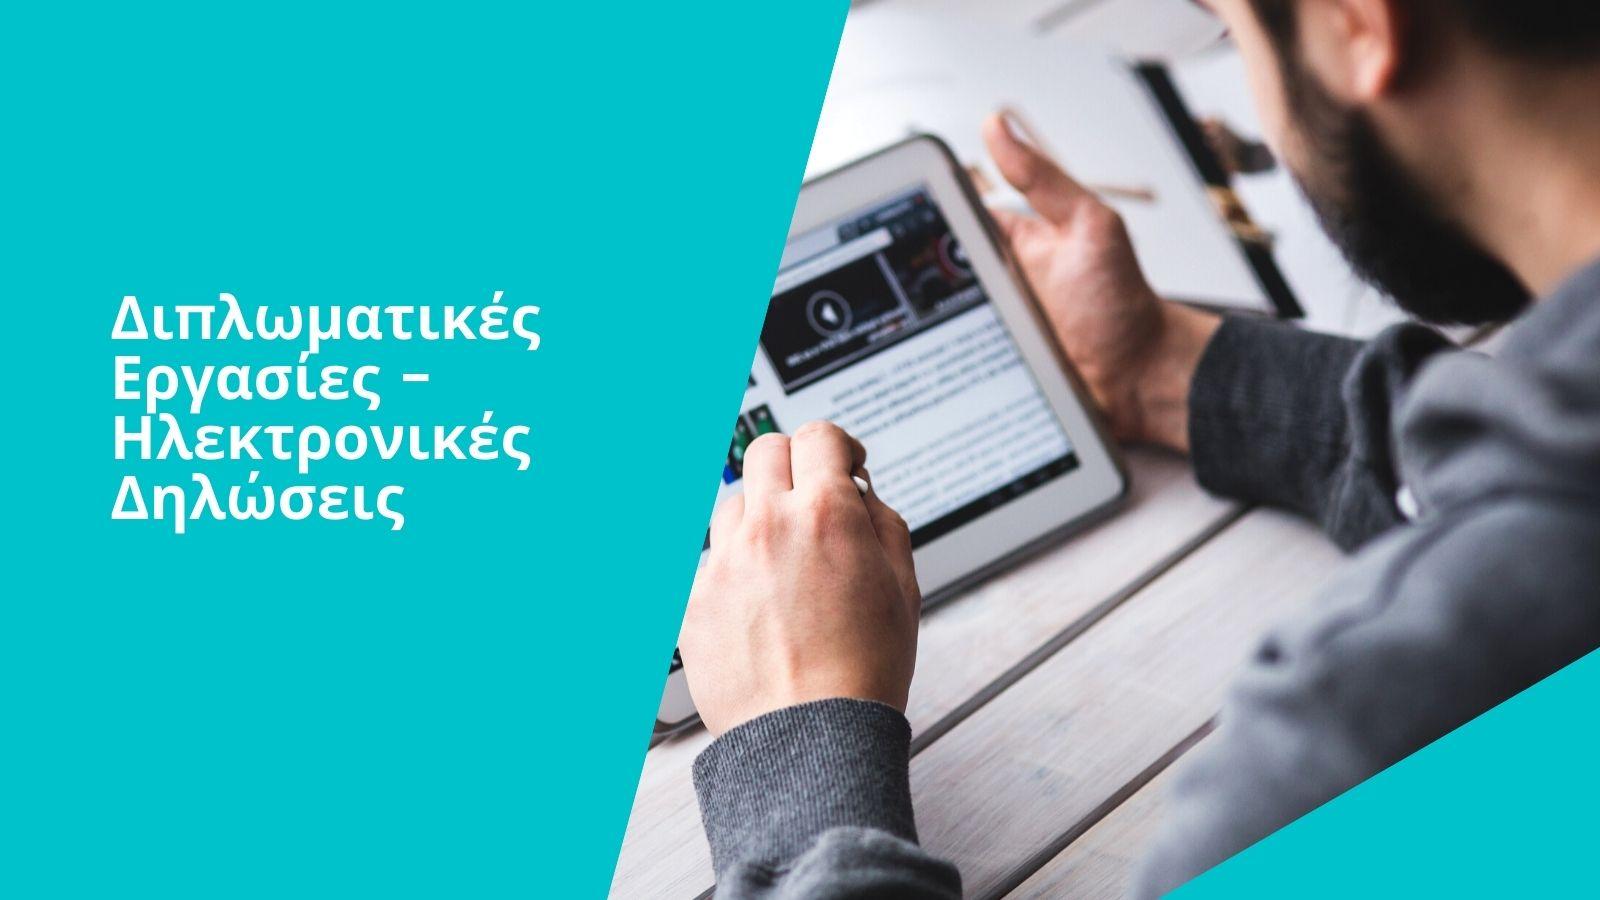 Διπλωματικές Εργασίες – Ηλεκτρονικές Δηλώσεις